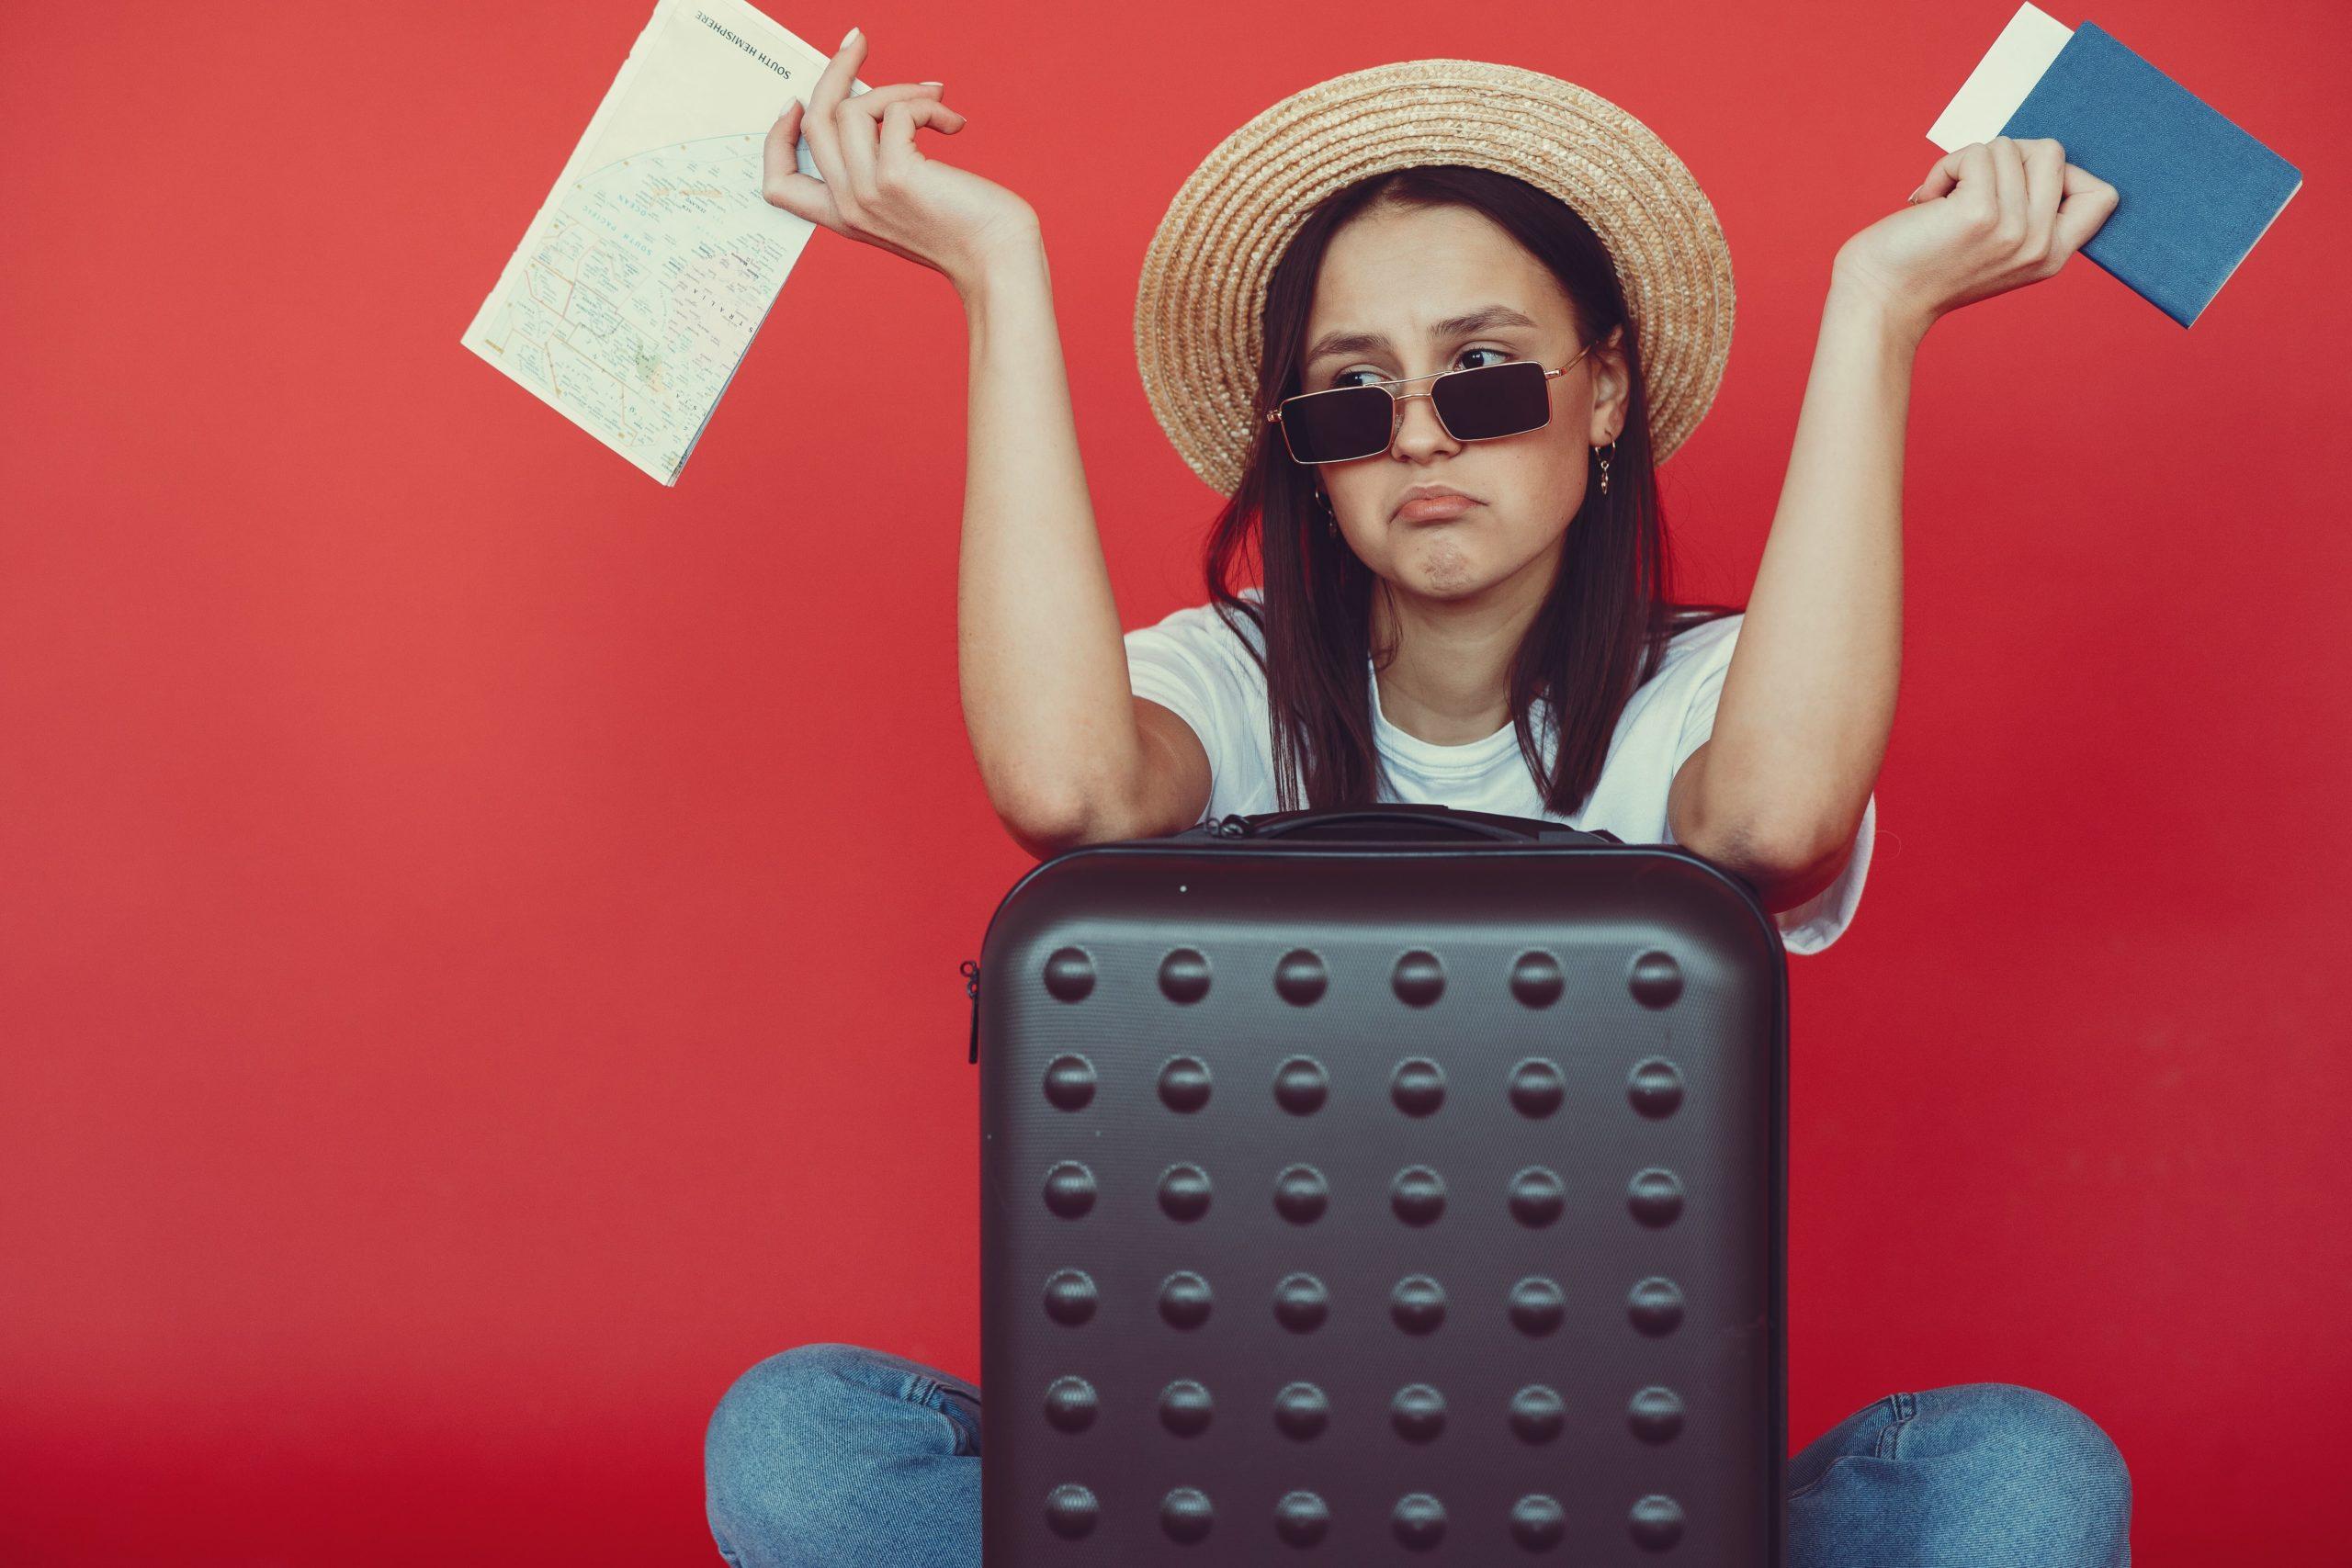 Les 11 arnaques de voyage à éviter - Femme déçue du voyage